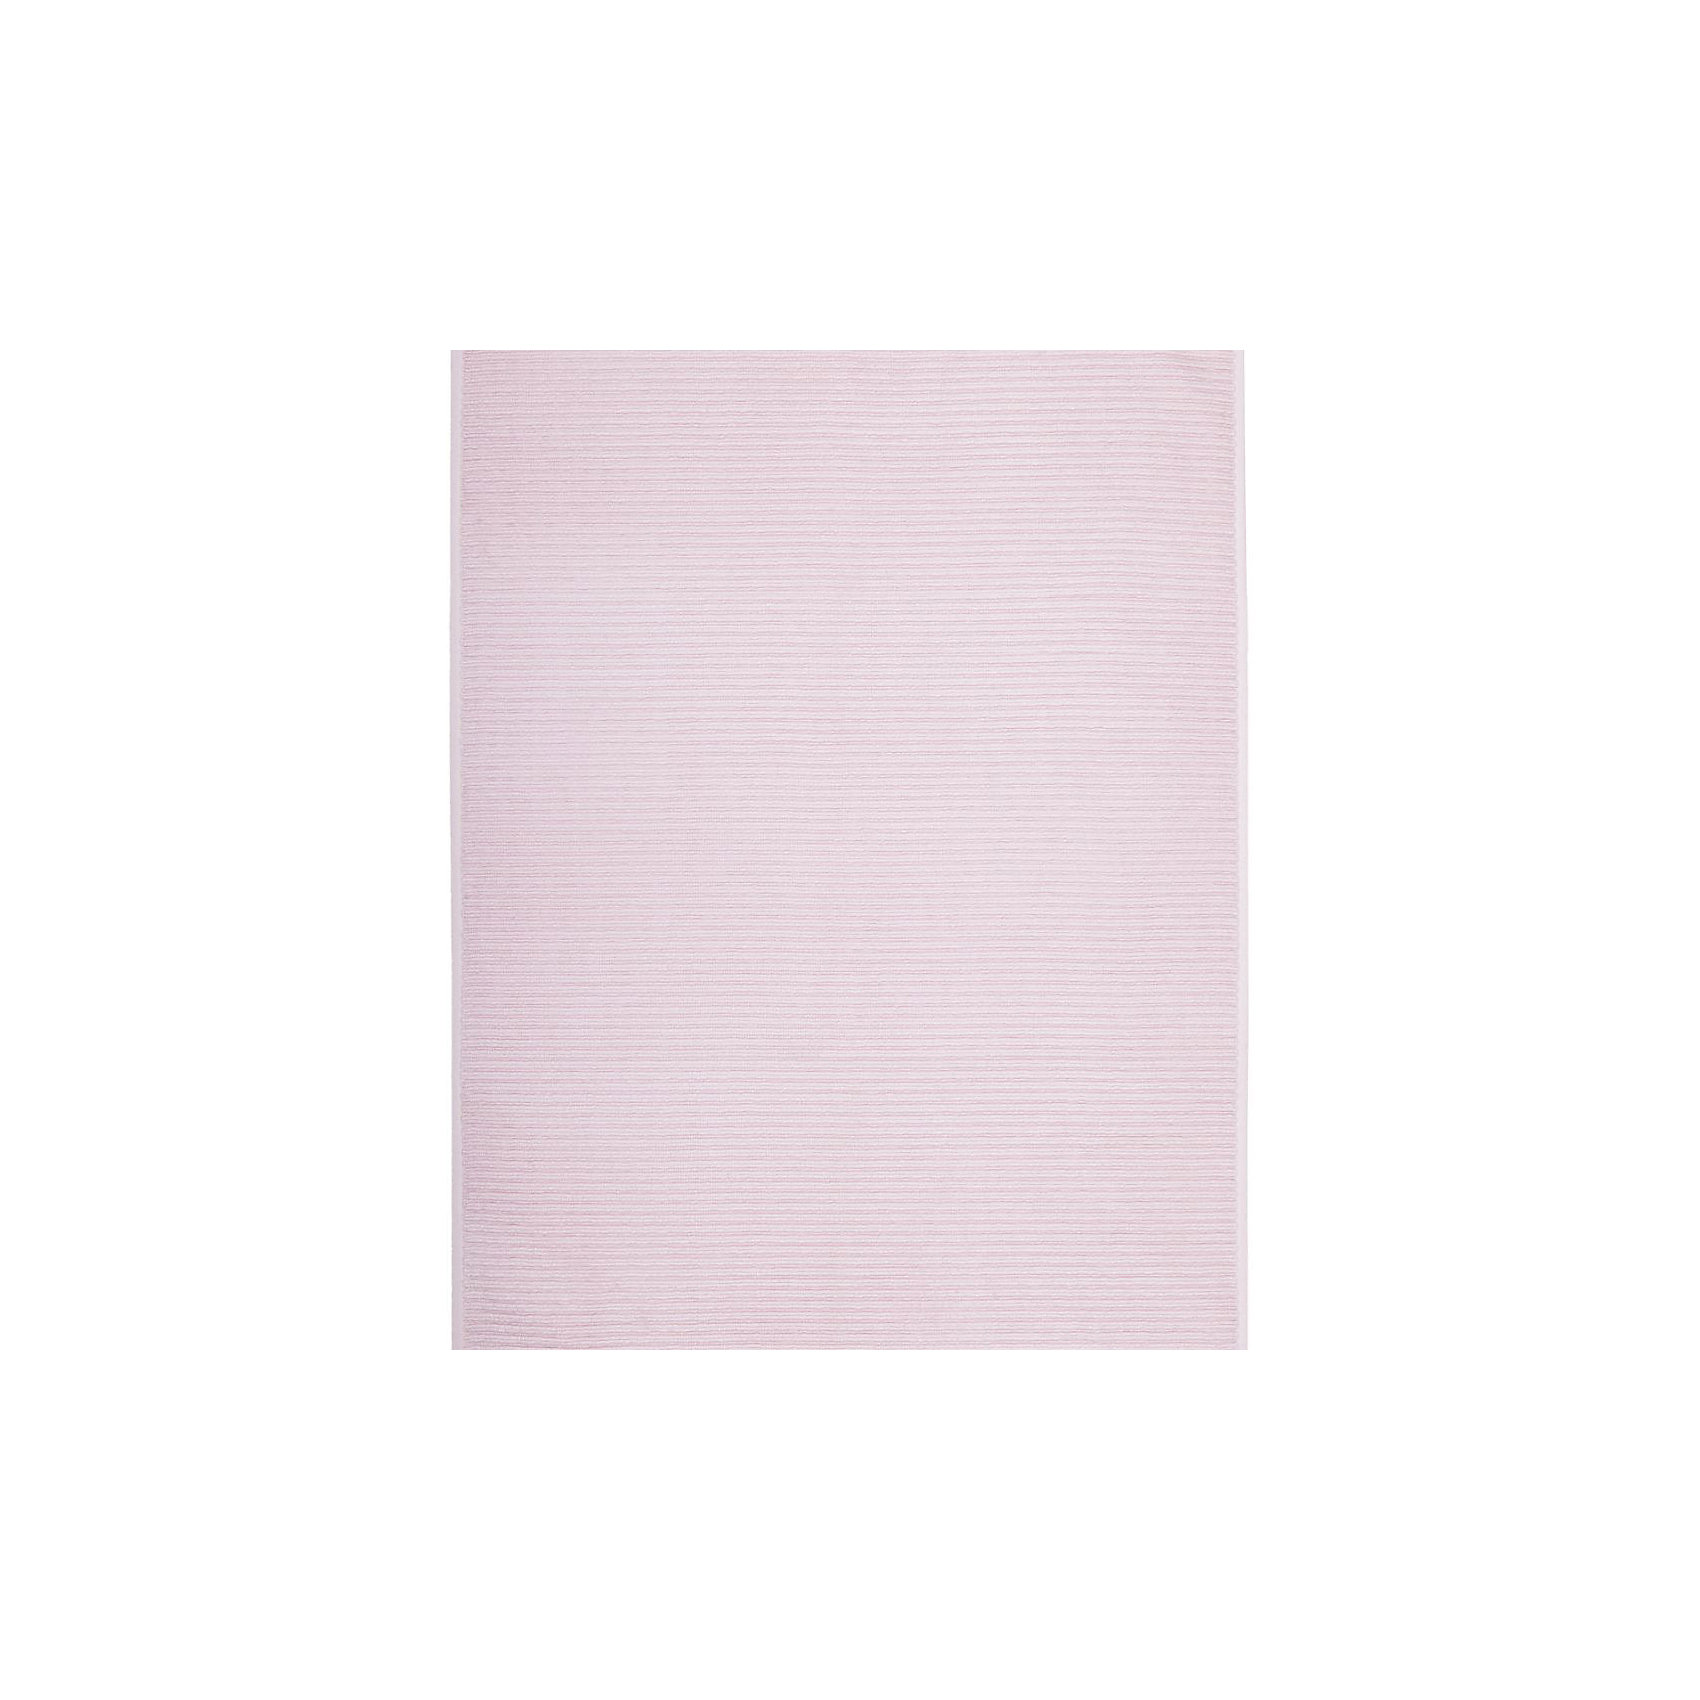 Полотенце для ног махровое Maison Bambu, 50*70, TAC, розовый (pudra)Ванная комната<br>Характеристики:<br><br>• Вид домашнего текстиля: махровое полотенце<br>• Размеры полотенца: 50*70 см<br>• Рисунок: без рисунка<br>• Материал: хлопок, 50% хлопок; бамбук, 50%<br>• Цвет: розовый<br>• Плотность полотна: 850 гр/м2 <br>• Повышенные впитывающие качества<br>• Вес: 300 г<br>• Размеры упаковки (Д*Ш*В): 25*3*25 см<br>• Особенности ухода: машинная стирка <br><br>Полотенце для ног махровое Maison Bambu, 50*70, TAC, розовый (pudra) от наиболее популярного бренда на отечественном рынке среди производителей комплектов постельного белья и текстильных принадлежностей, выпуском которого занимается производственная компания, являющаяся частью мирового холдинга Zorlu Holding Textiles Group. Полотенце выполнено из сочетания натурального хлопка и бамбукового волокна, что обеспечивает гипоаллергенность, высокую износоустойчивость, повышенные гигкоскопические и антибактериальные свойства изделия. <br><br>Благодаря высокой степени плотности махры, полотенце отлично впитывает влагу, но при этом остается мягким. Ворс окрашен стойкими нетоксичными красителями, который не оставляет запаха и обеспечивает ровный окрас. Полотенце сохраняет свой цвет и форму даже при частых стирках. Выполнено в розовом цвете без рисунка.<br><br>Полотенце для ног махровое Maison Bambu, 50*70, TAC, розовый (pudra) можно купить в нашем интернет-магазине.<br><br>Ширина мм: 250<br>Глубина мм: 30<br>Высота мм: 250<br>Вес г: 400<br>Возраст от месяцев: 216<br>Возраст до месяцев: 1188<br>Пол: Унисекс<br>Возраст: Детский<br>SKU: 5476349